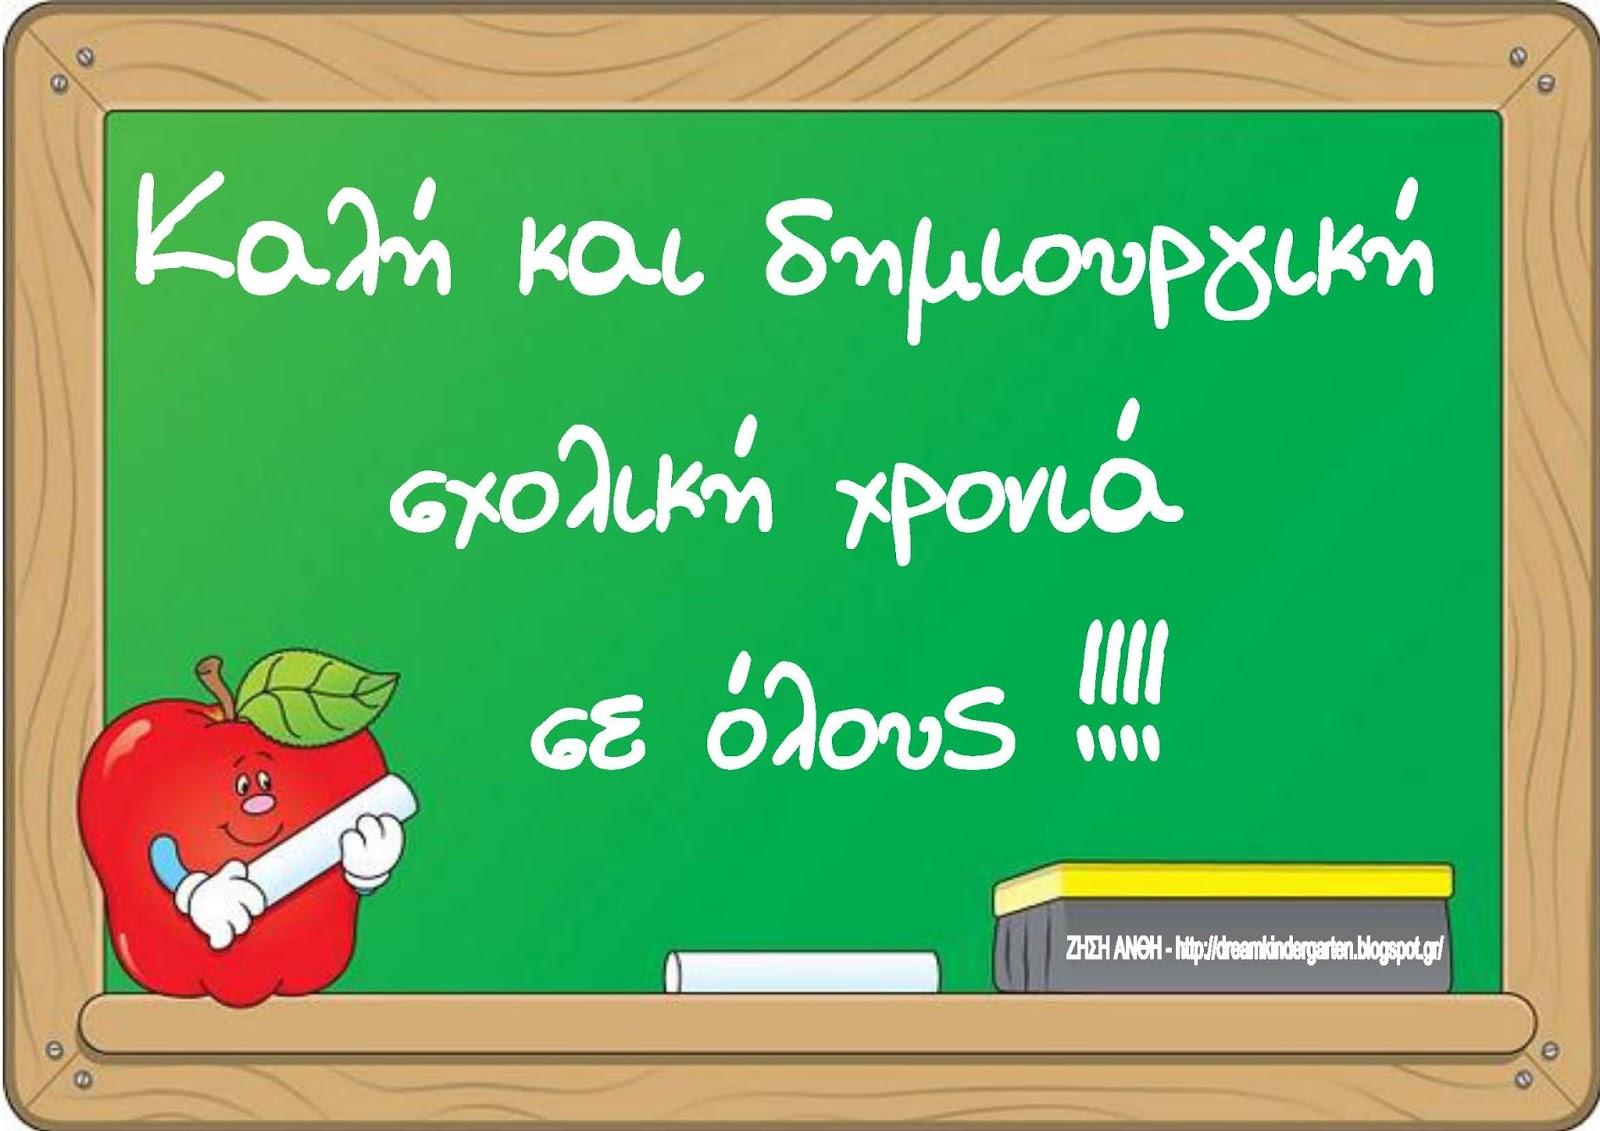 kalh_xronia